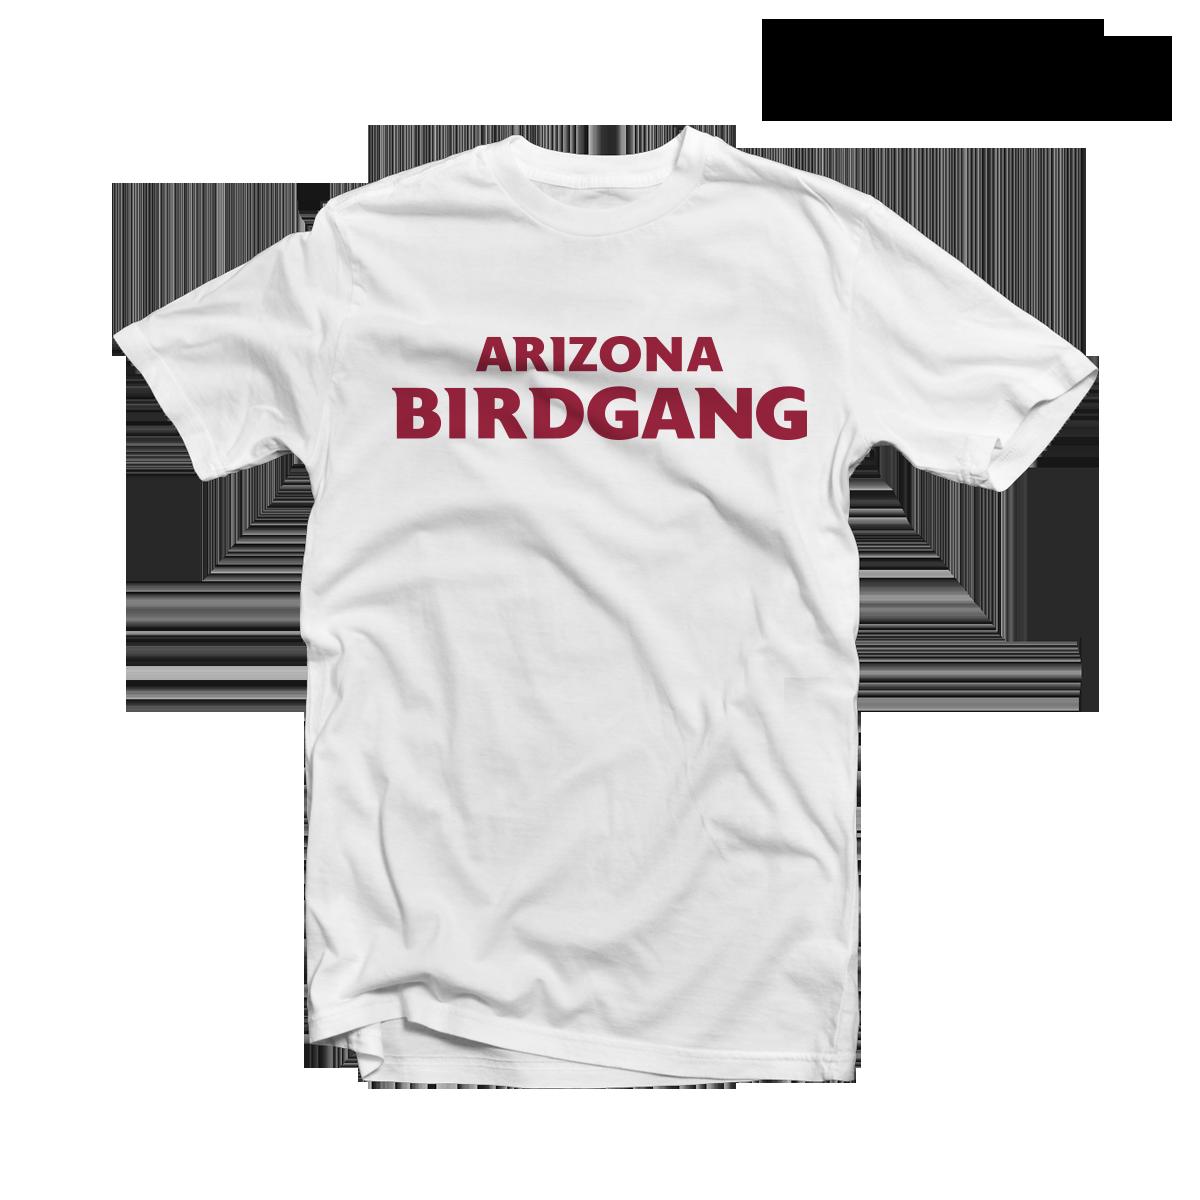 7948019301ba Arizona Cardinals T-Shirt BIRD GANG White Tee